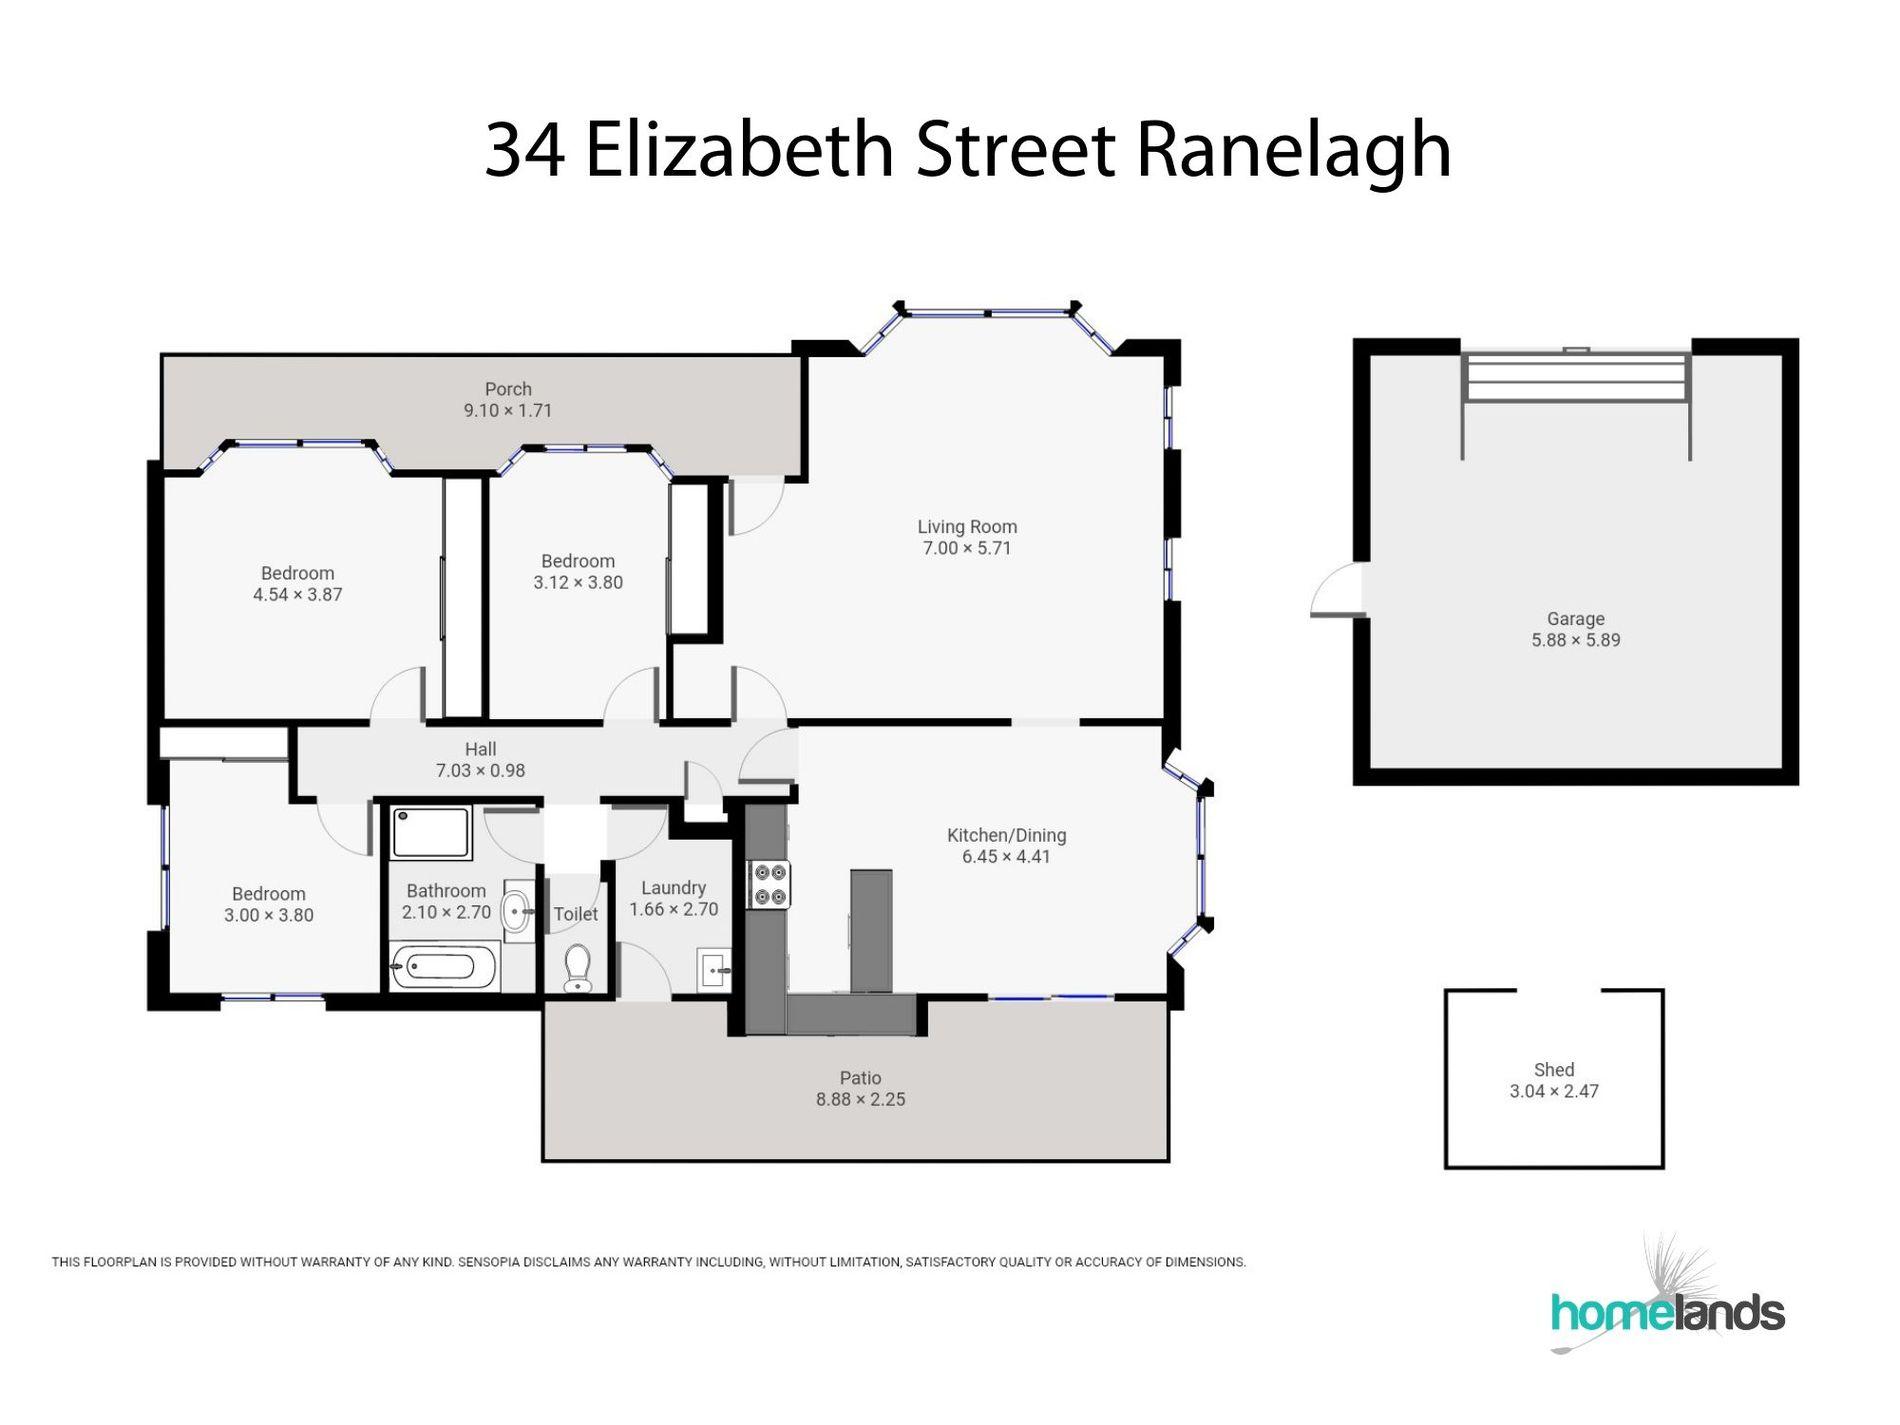 34 Elizabeth Street, Ranelagh